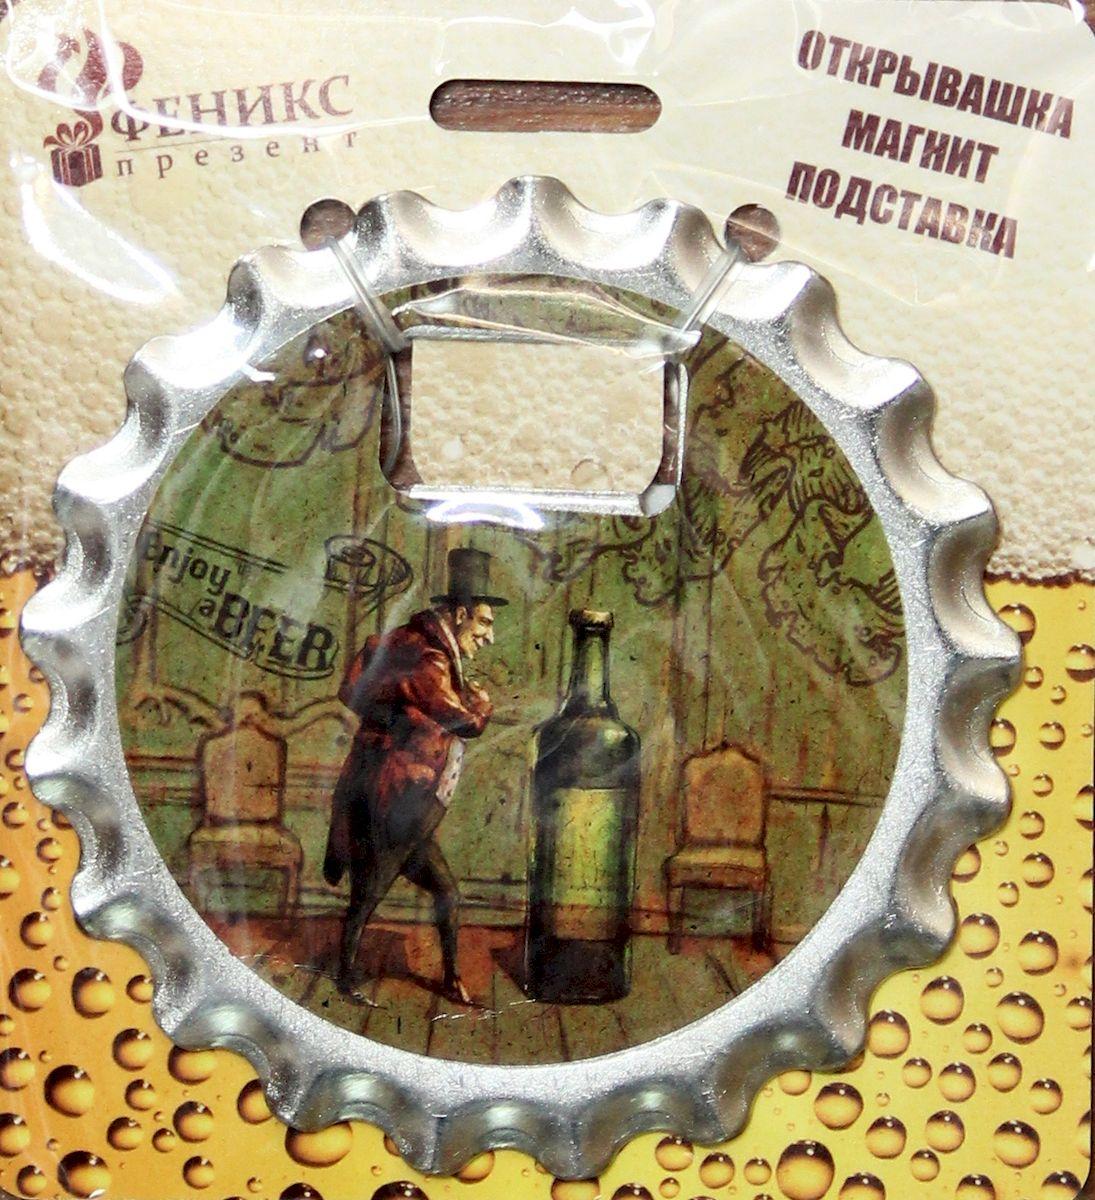 Ключ для открывания бутылок Magic Home Хороший вечер, с магнитом41213Ключ для открывания бутылок - это полезный и нужный прибор в каждом доме. Он представляет собой подставку под пивной стакан с отверстием для удобного снятия металлических пробок с бутылок. Лицевая сторона украшена оригинальным изображением, а на оборотной стороне закреплены магнит и три пробковые вставки для защиты поверхности стола от повреждений. Изделие выполнено из оцинкованного металла.